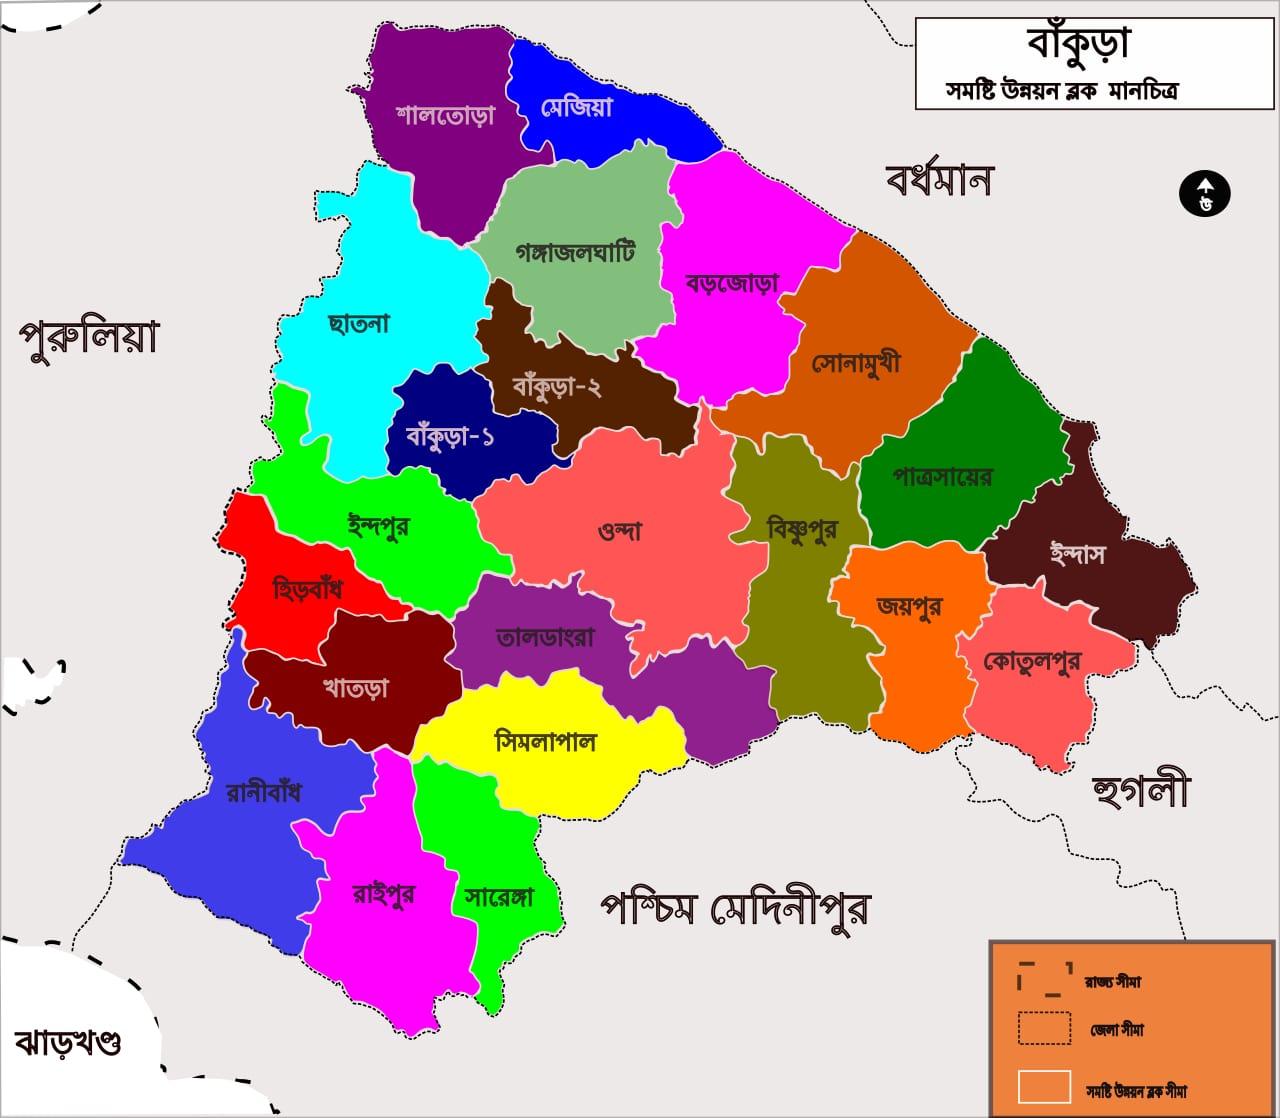 Bankura_Tehsil_map-bn